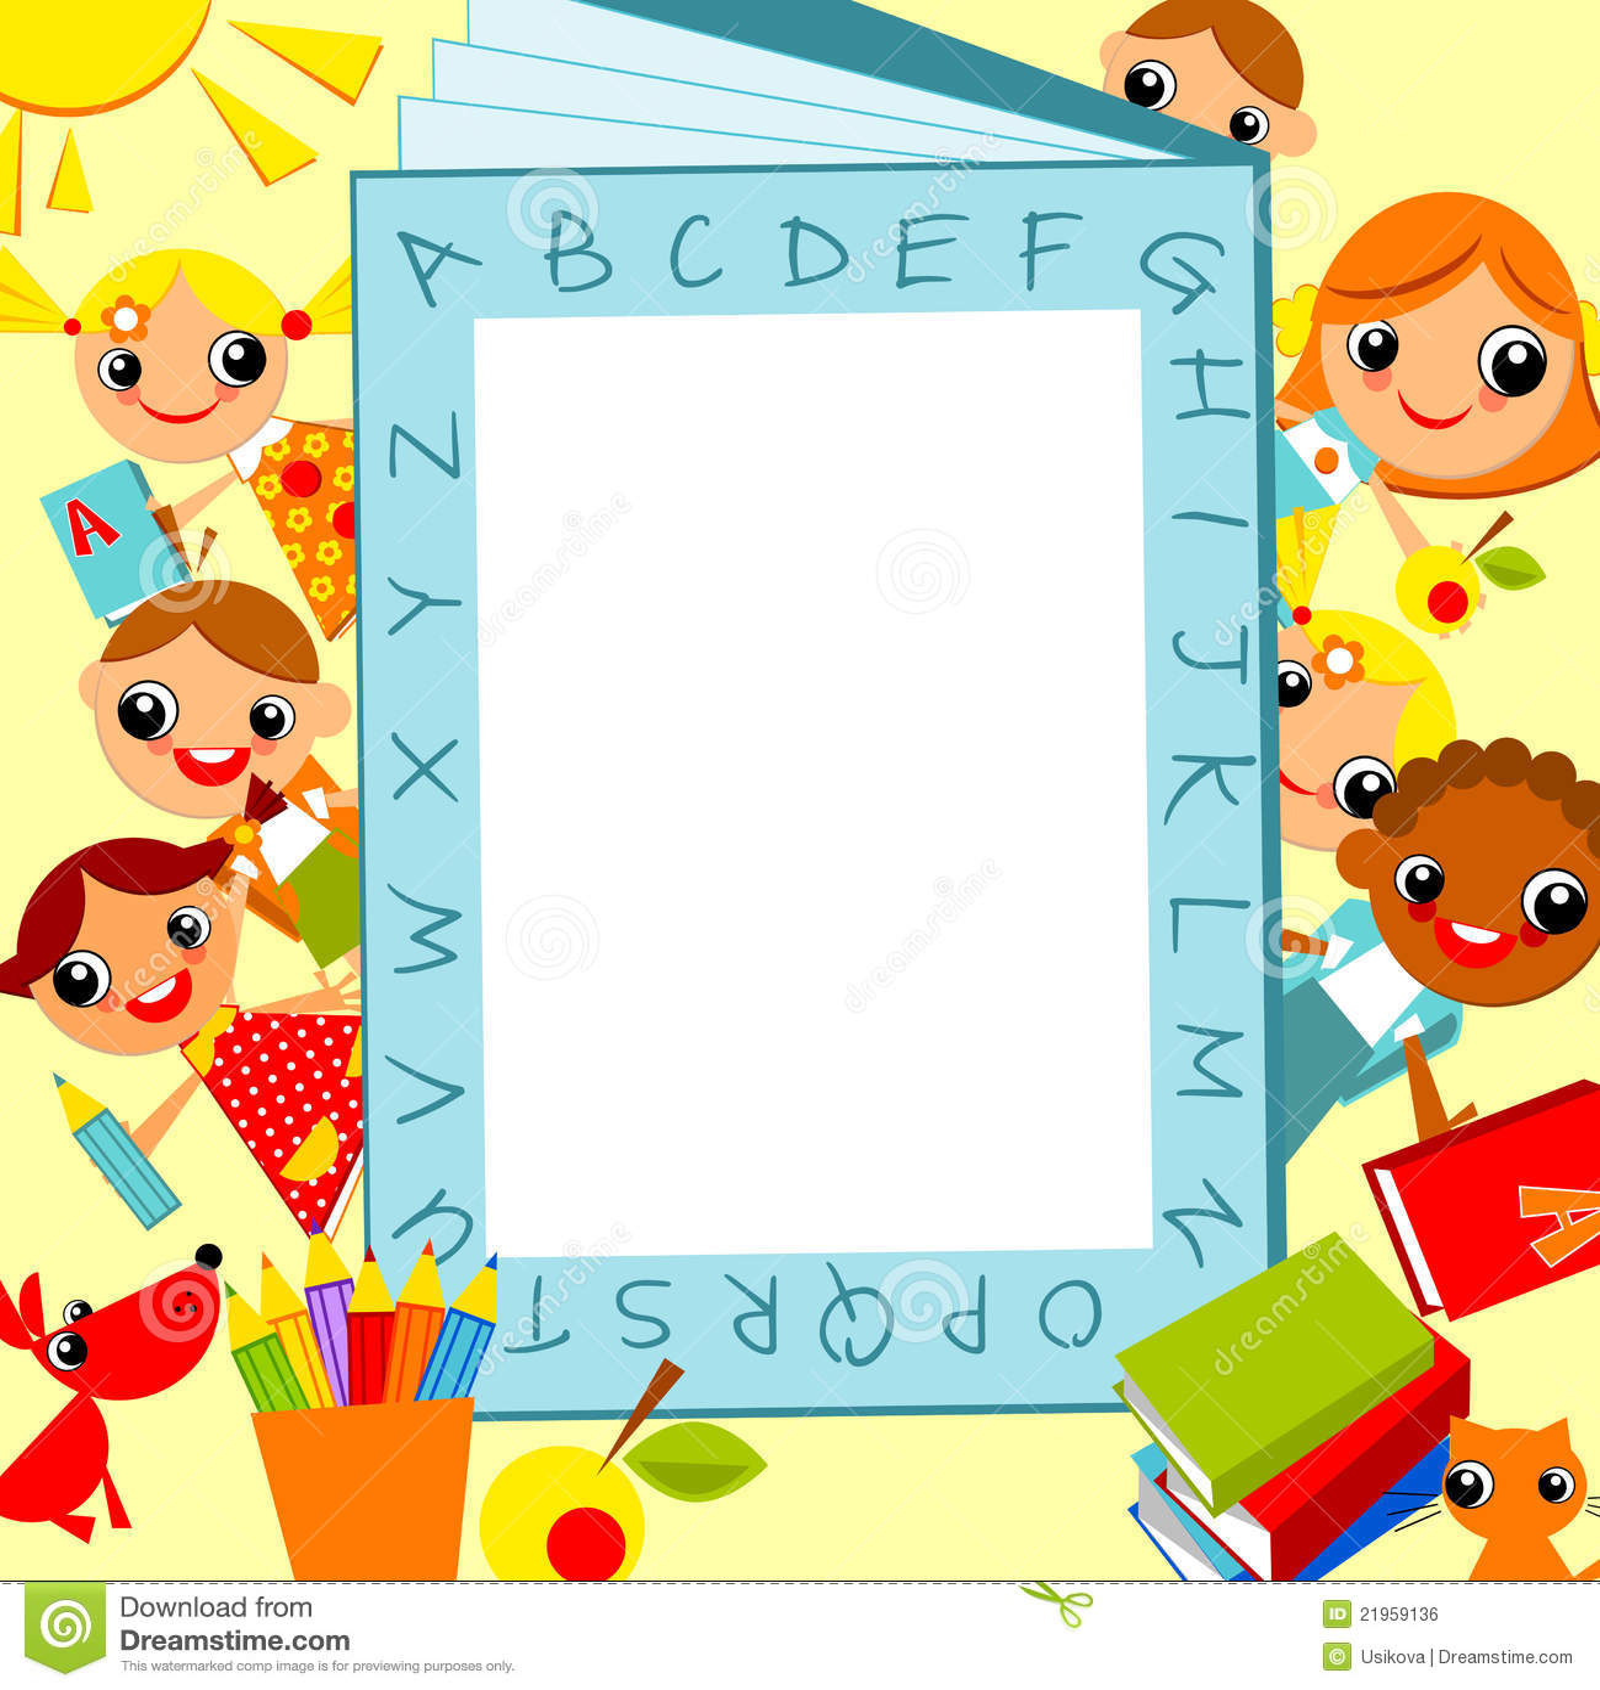 Bright Children's Background